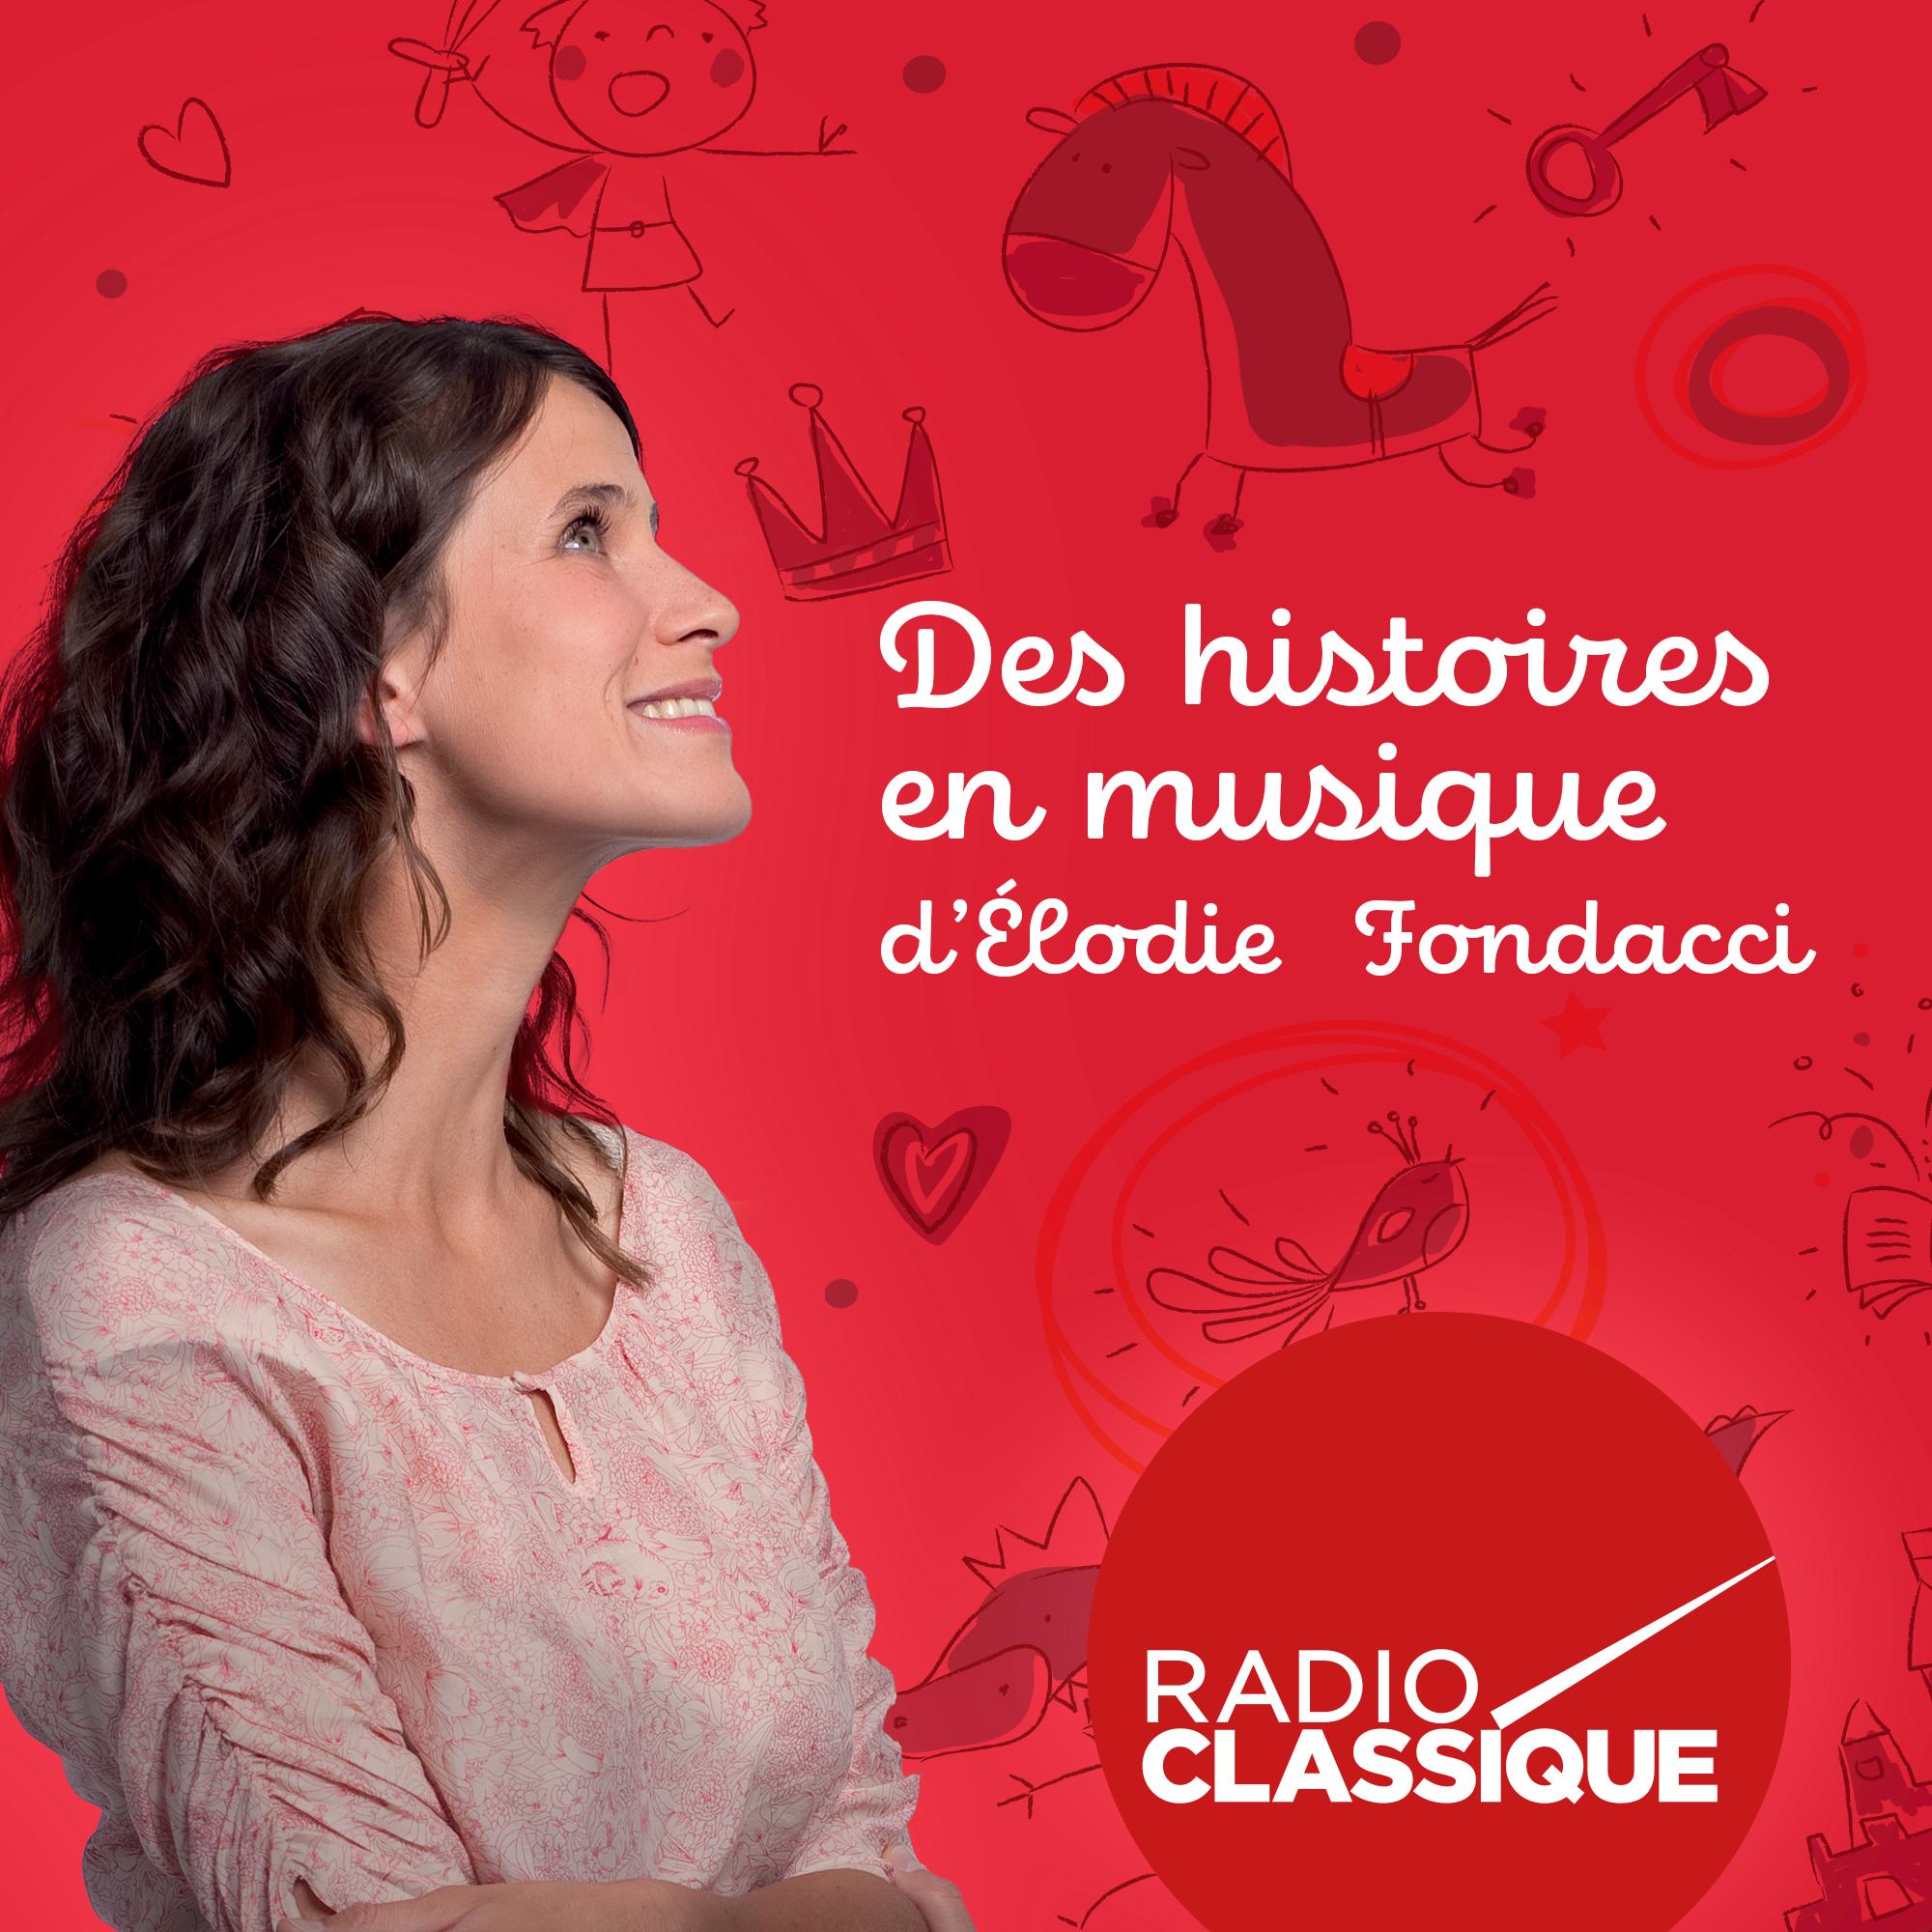 DES HISTOIRES EN MUSIQUE - cover